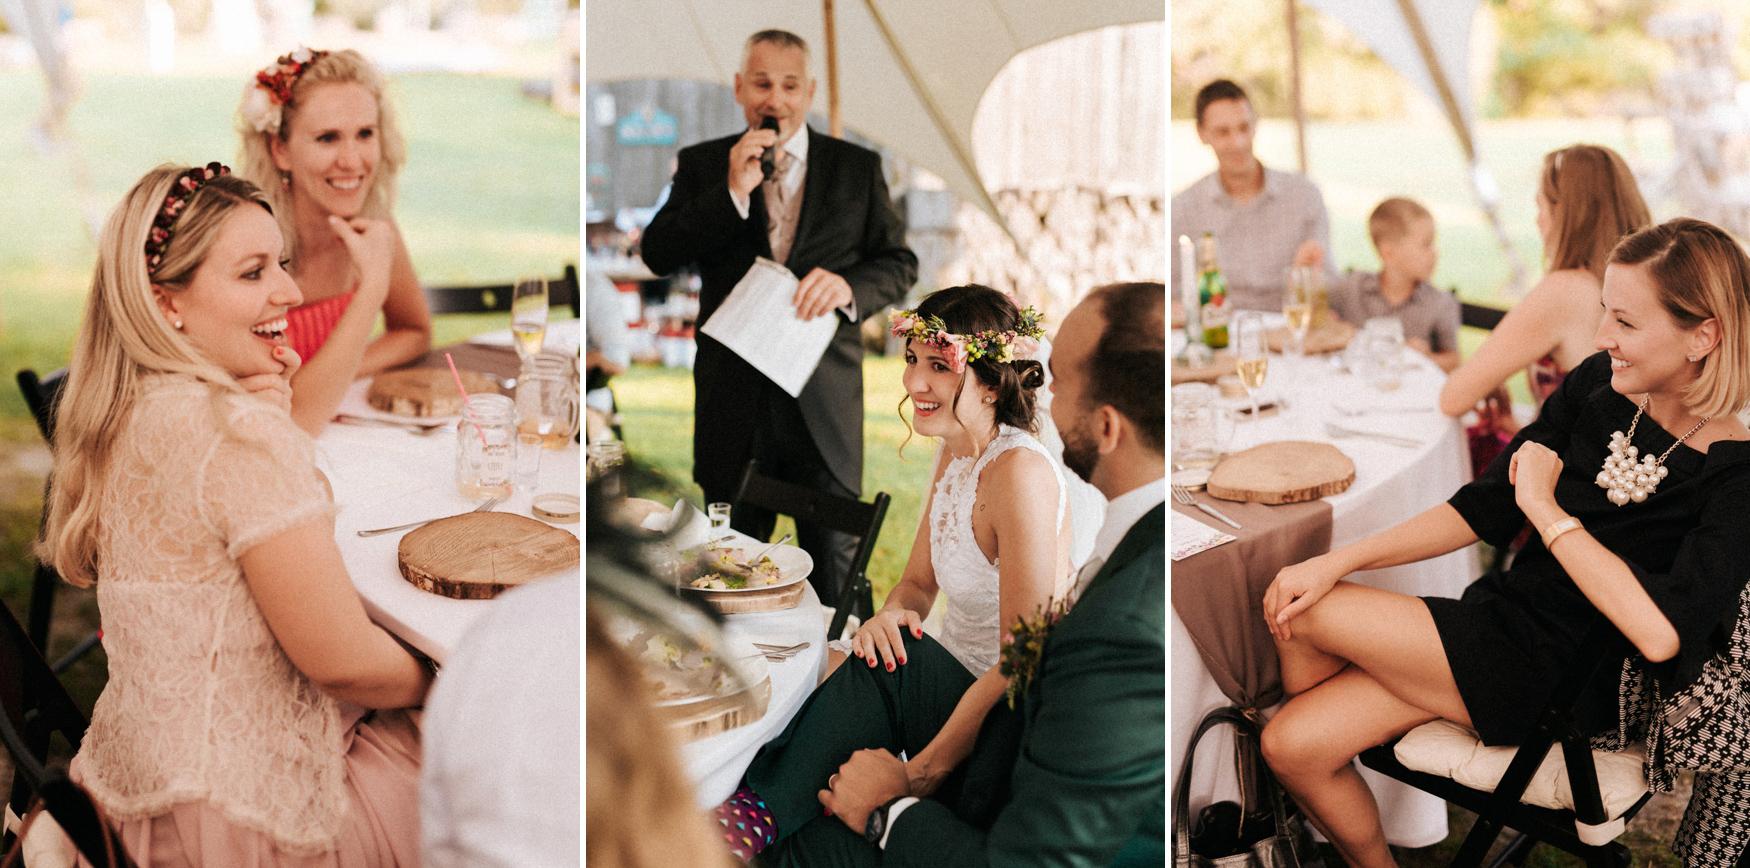 2 rustic summer outdoor wedding 016.jpg